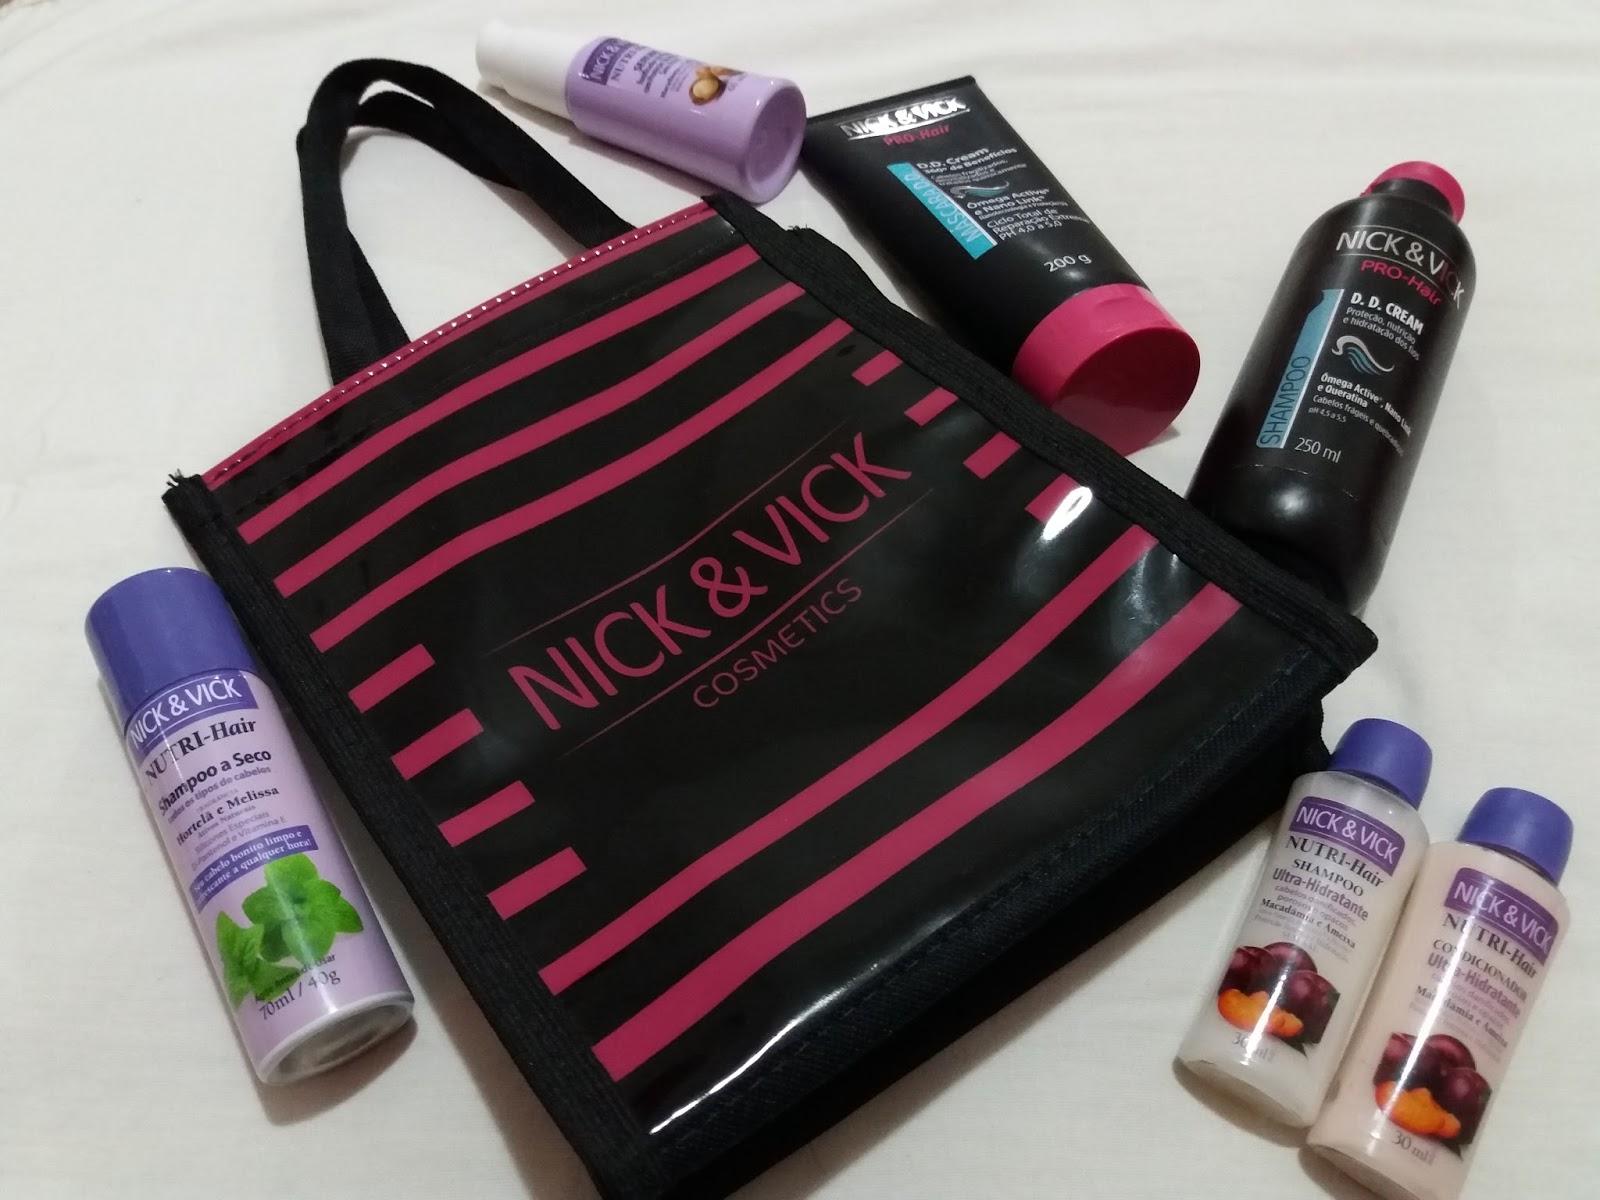 Nick& Vick evento  de lançamento produtos  no Shopping JK Iguatemi